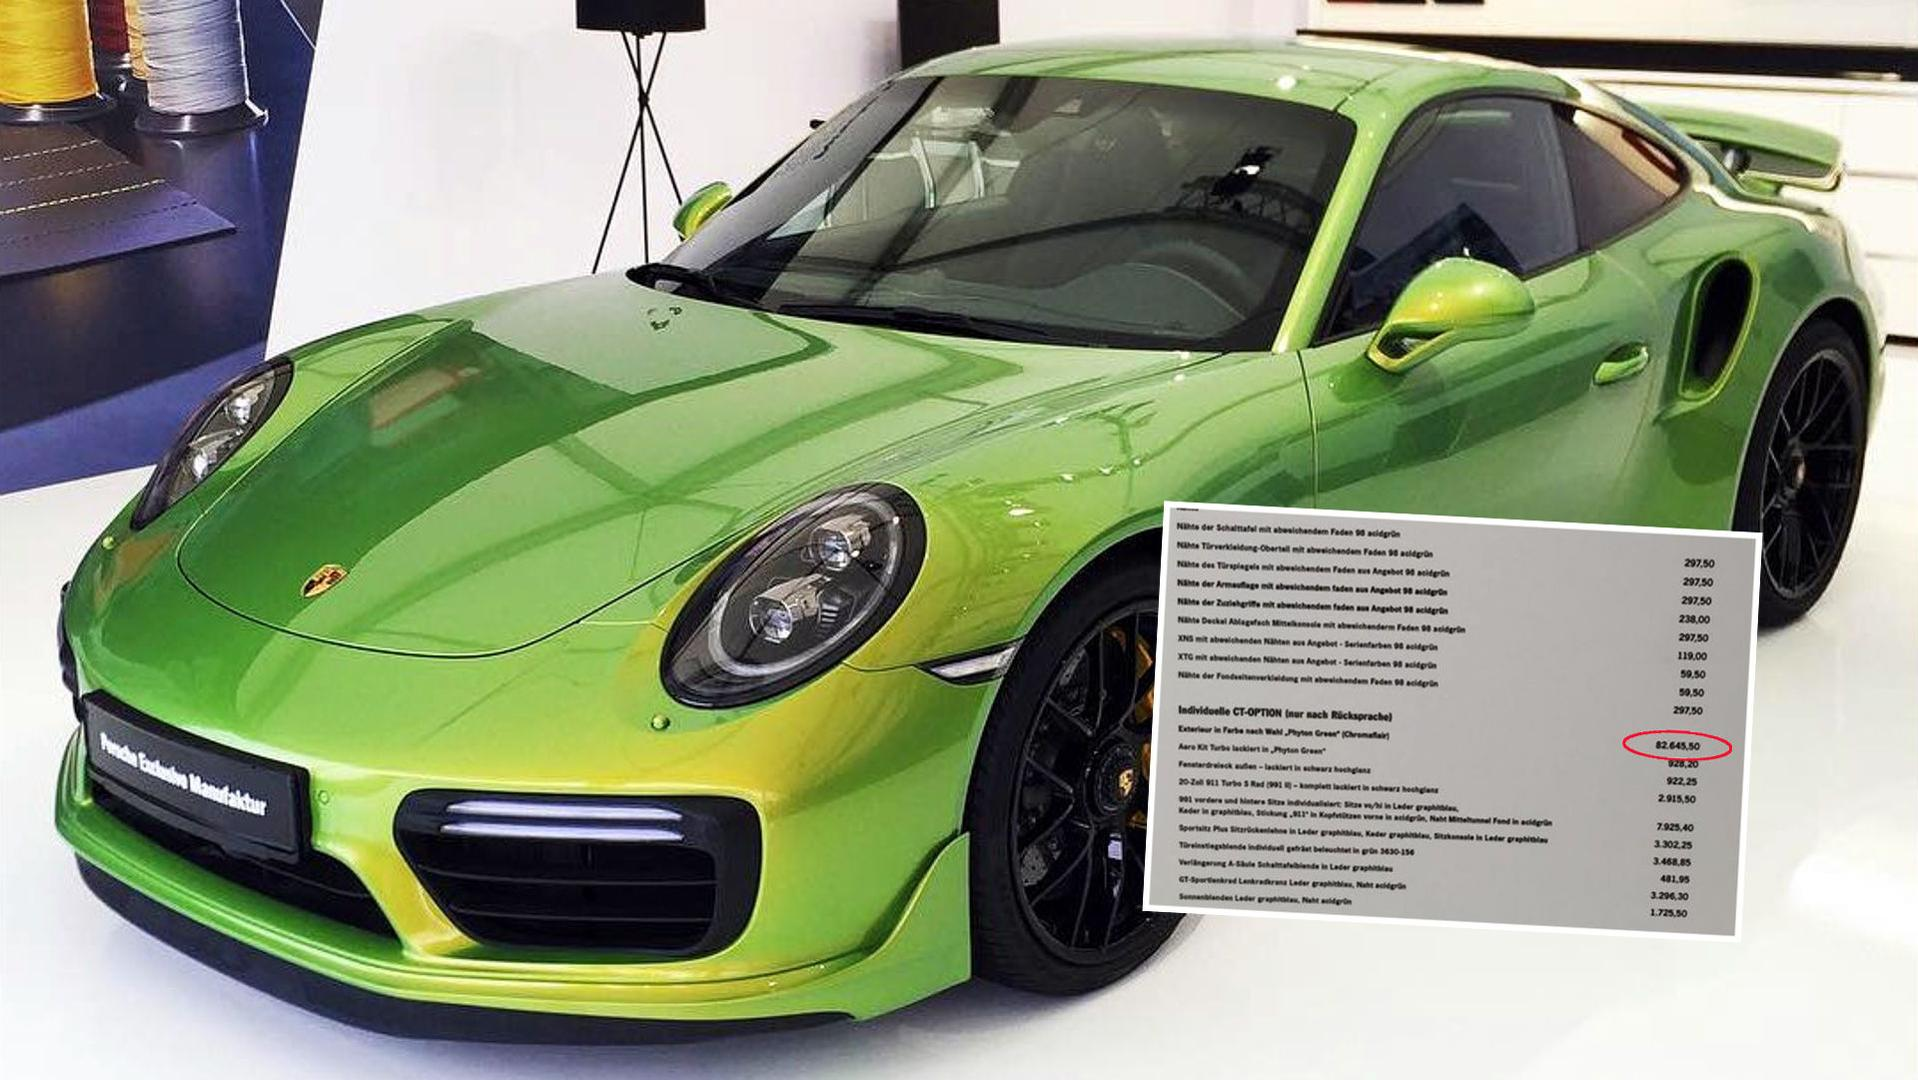 Porsche 911 Turbo S Custom Factory Paint Job Costs Almost 100k